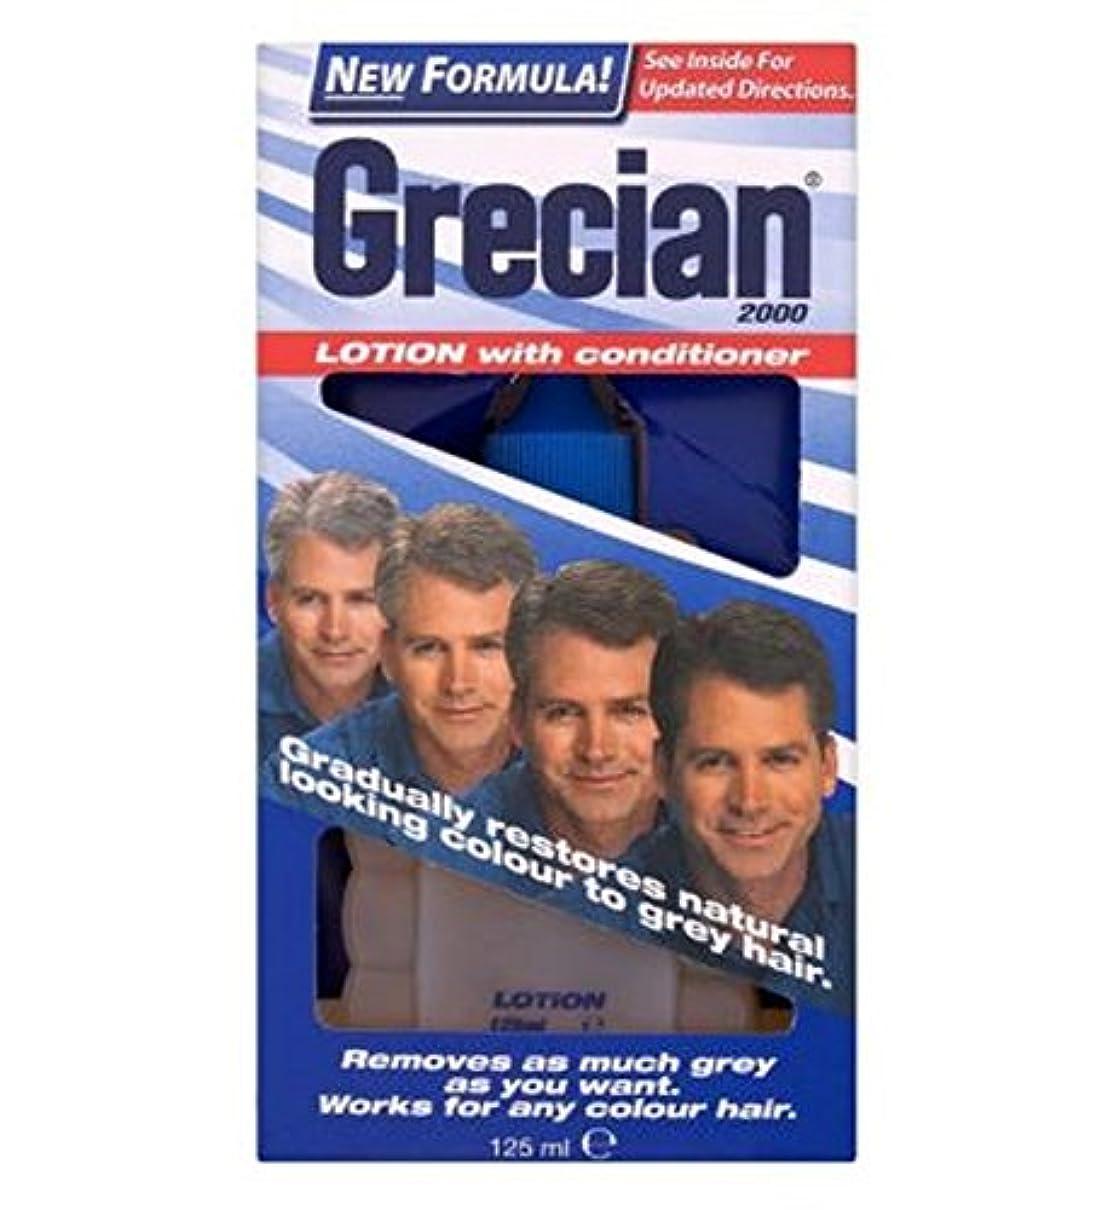 要求する死すべき科学者ギリシャの2000メンズヘアカラーローション (Grecian) (x2) - Grecian 2000 Men's Hair Colour Lotion (Pack of 2) [並行輸入品]